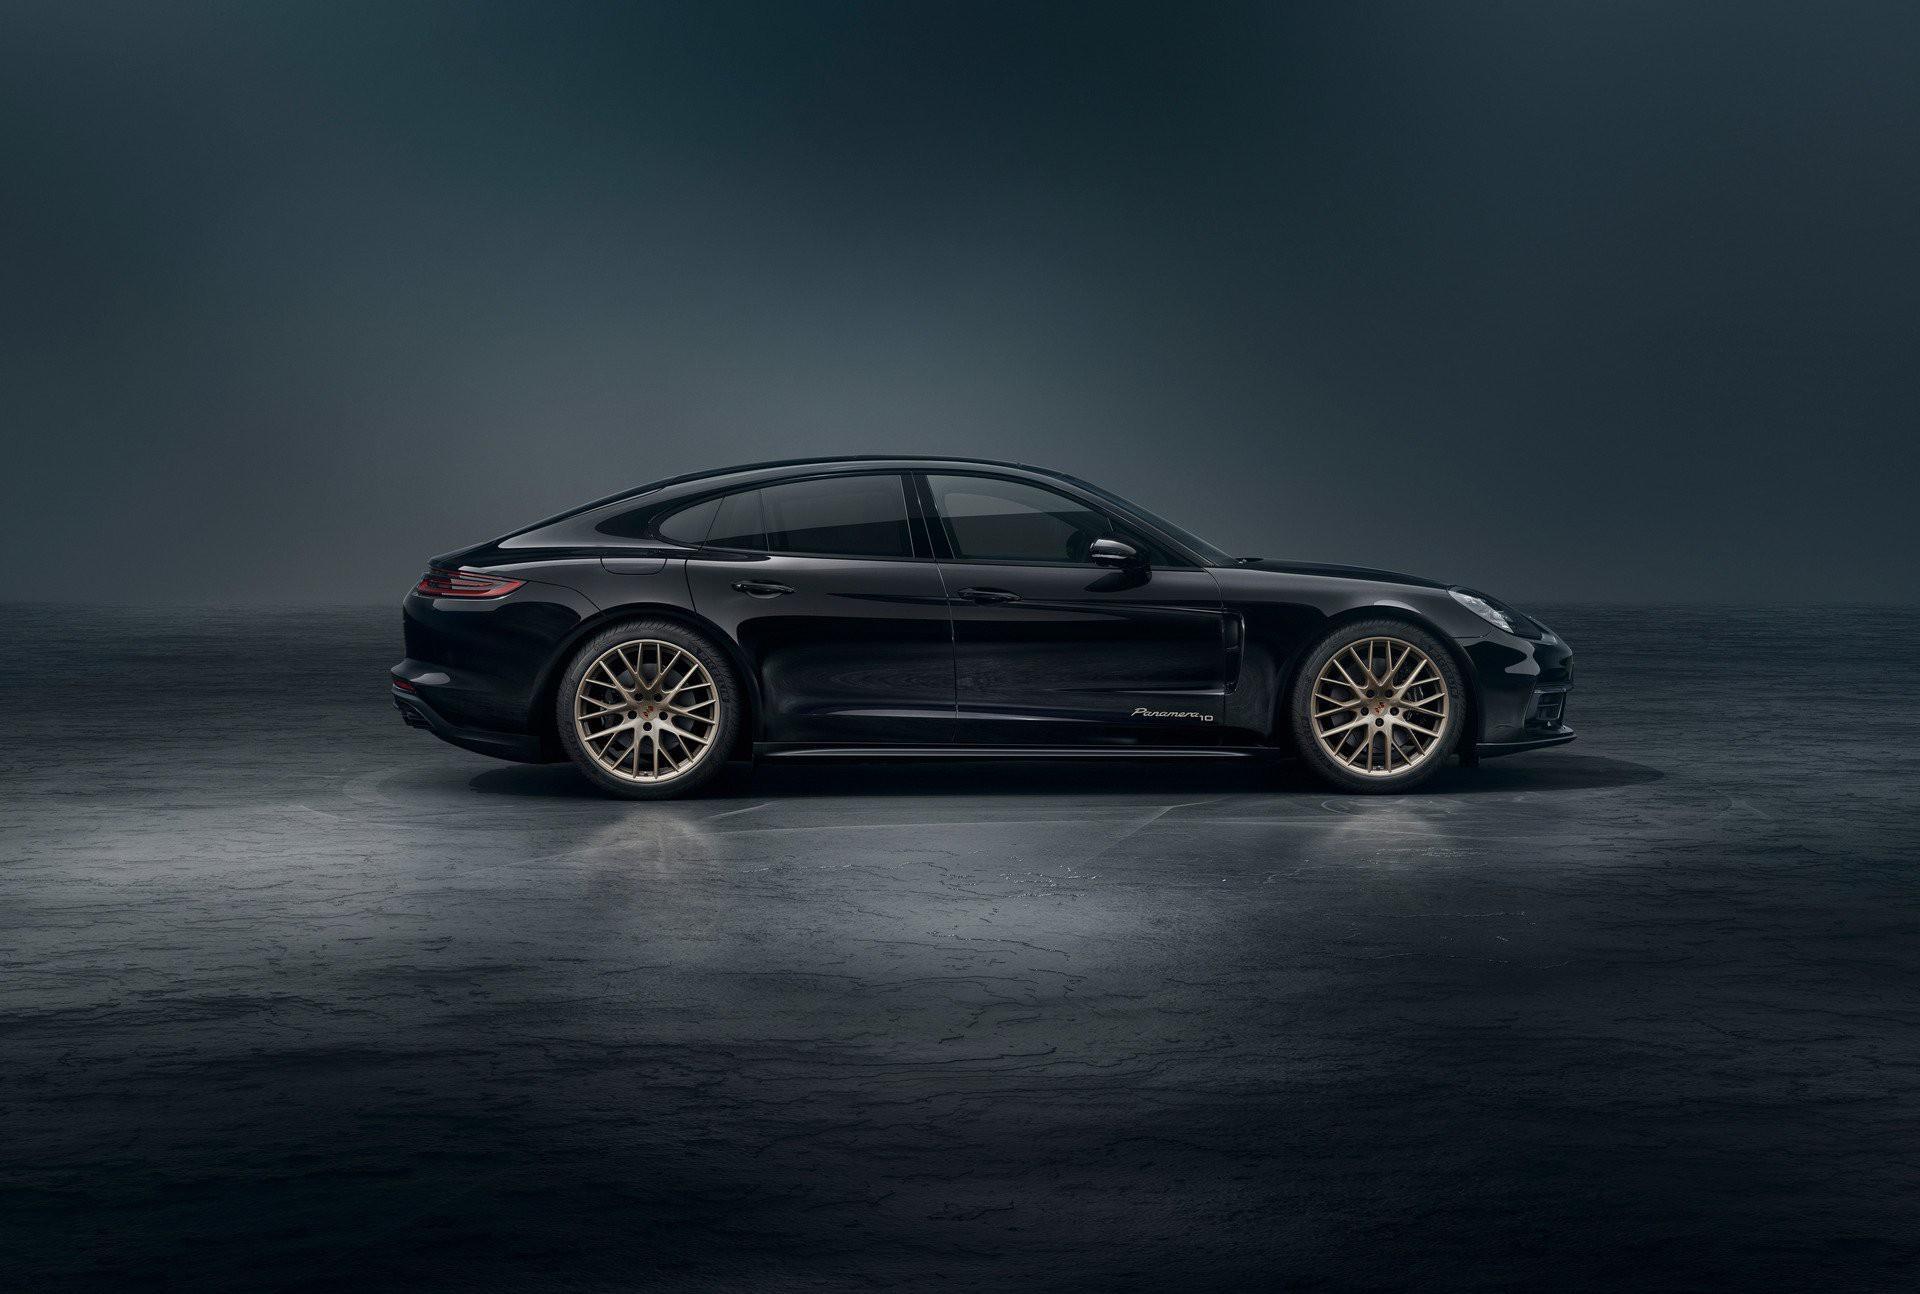 Porsche Panamera 2020 phiên bản kỷ niệm 10 có gì đặc biệt? Ảnh 5